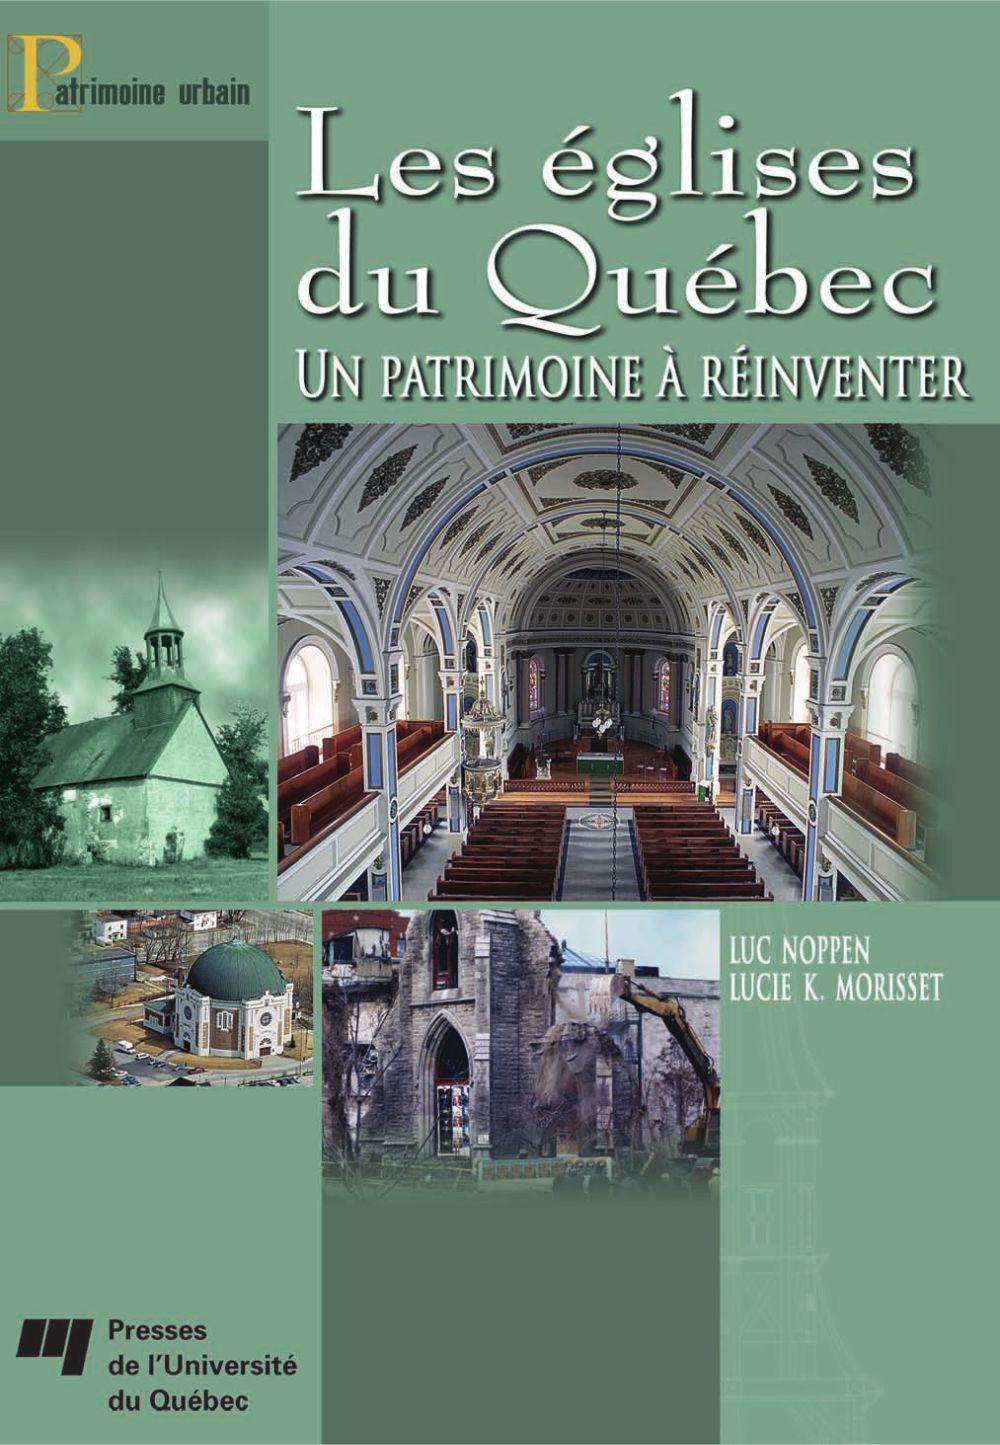 Les églises du Québec